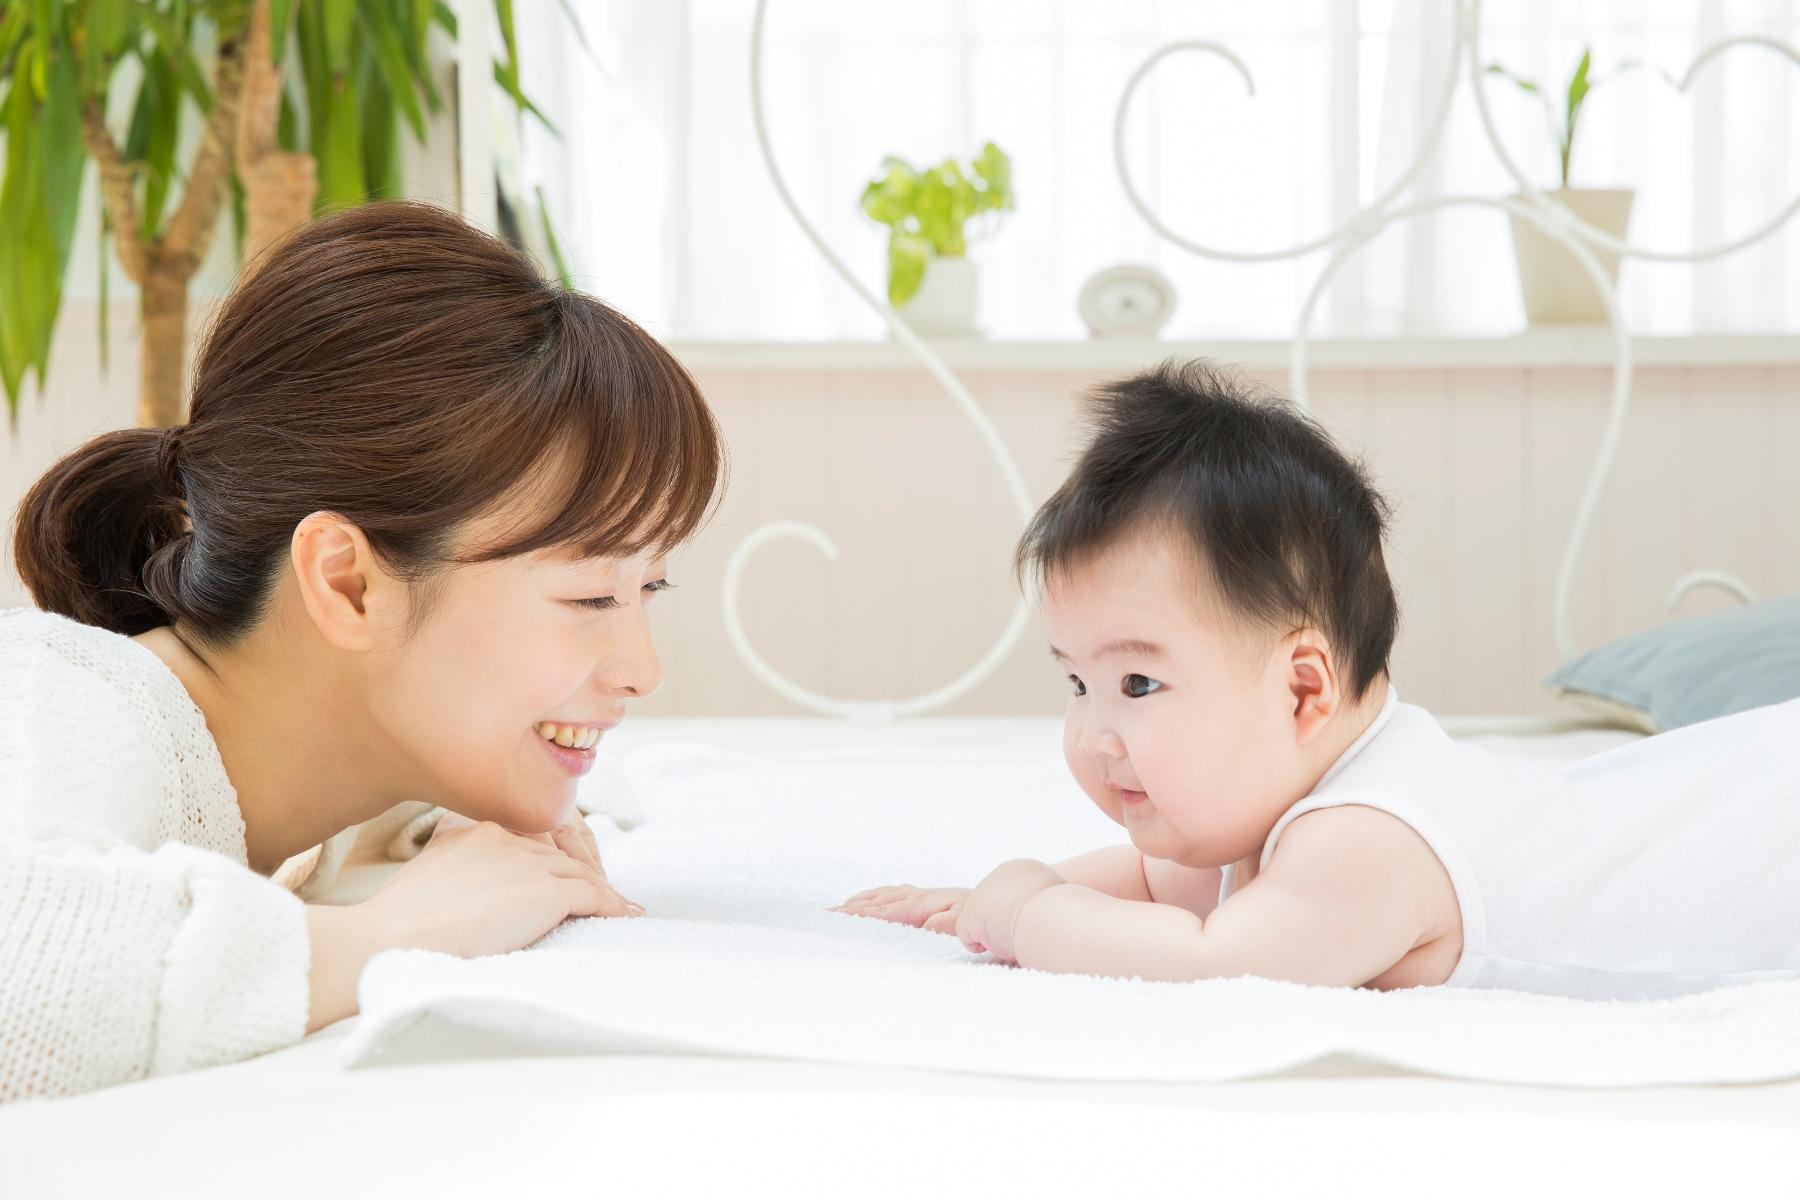 0歳から教育は始まっている!早期教育のスタートは「言葉がけ」で、できる子に育てよう。